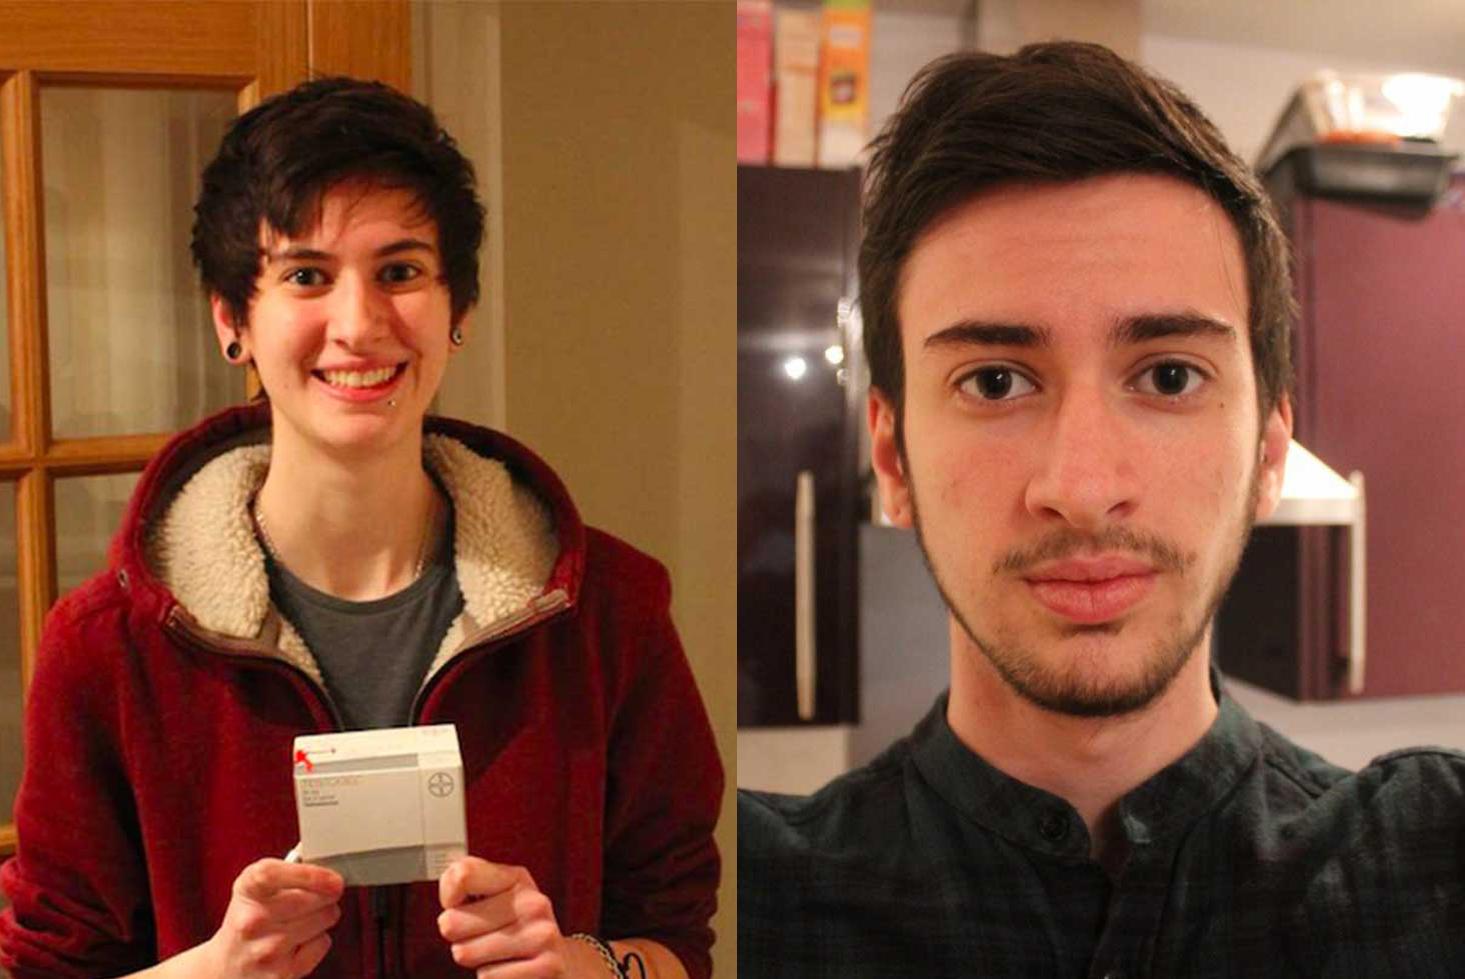 El proceso de cambio de este joven transgénero foto a foto